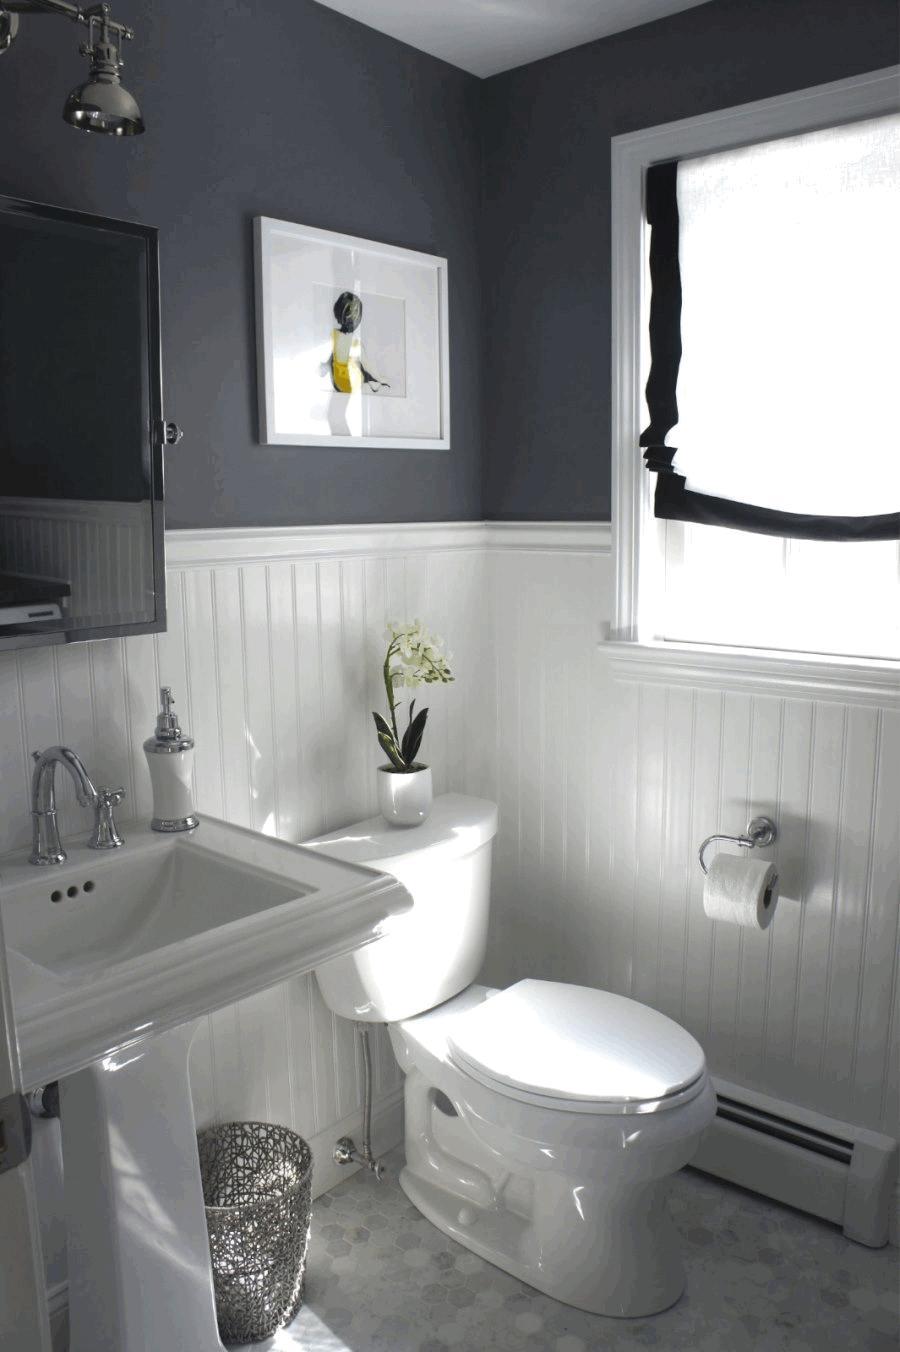 Ремонт туалета панелями из пластика